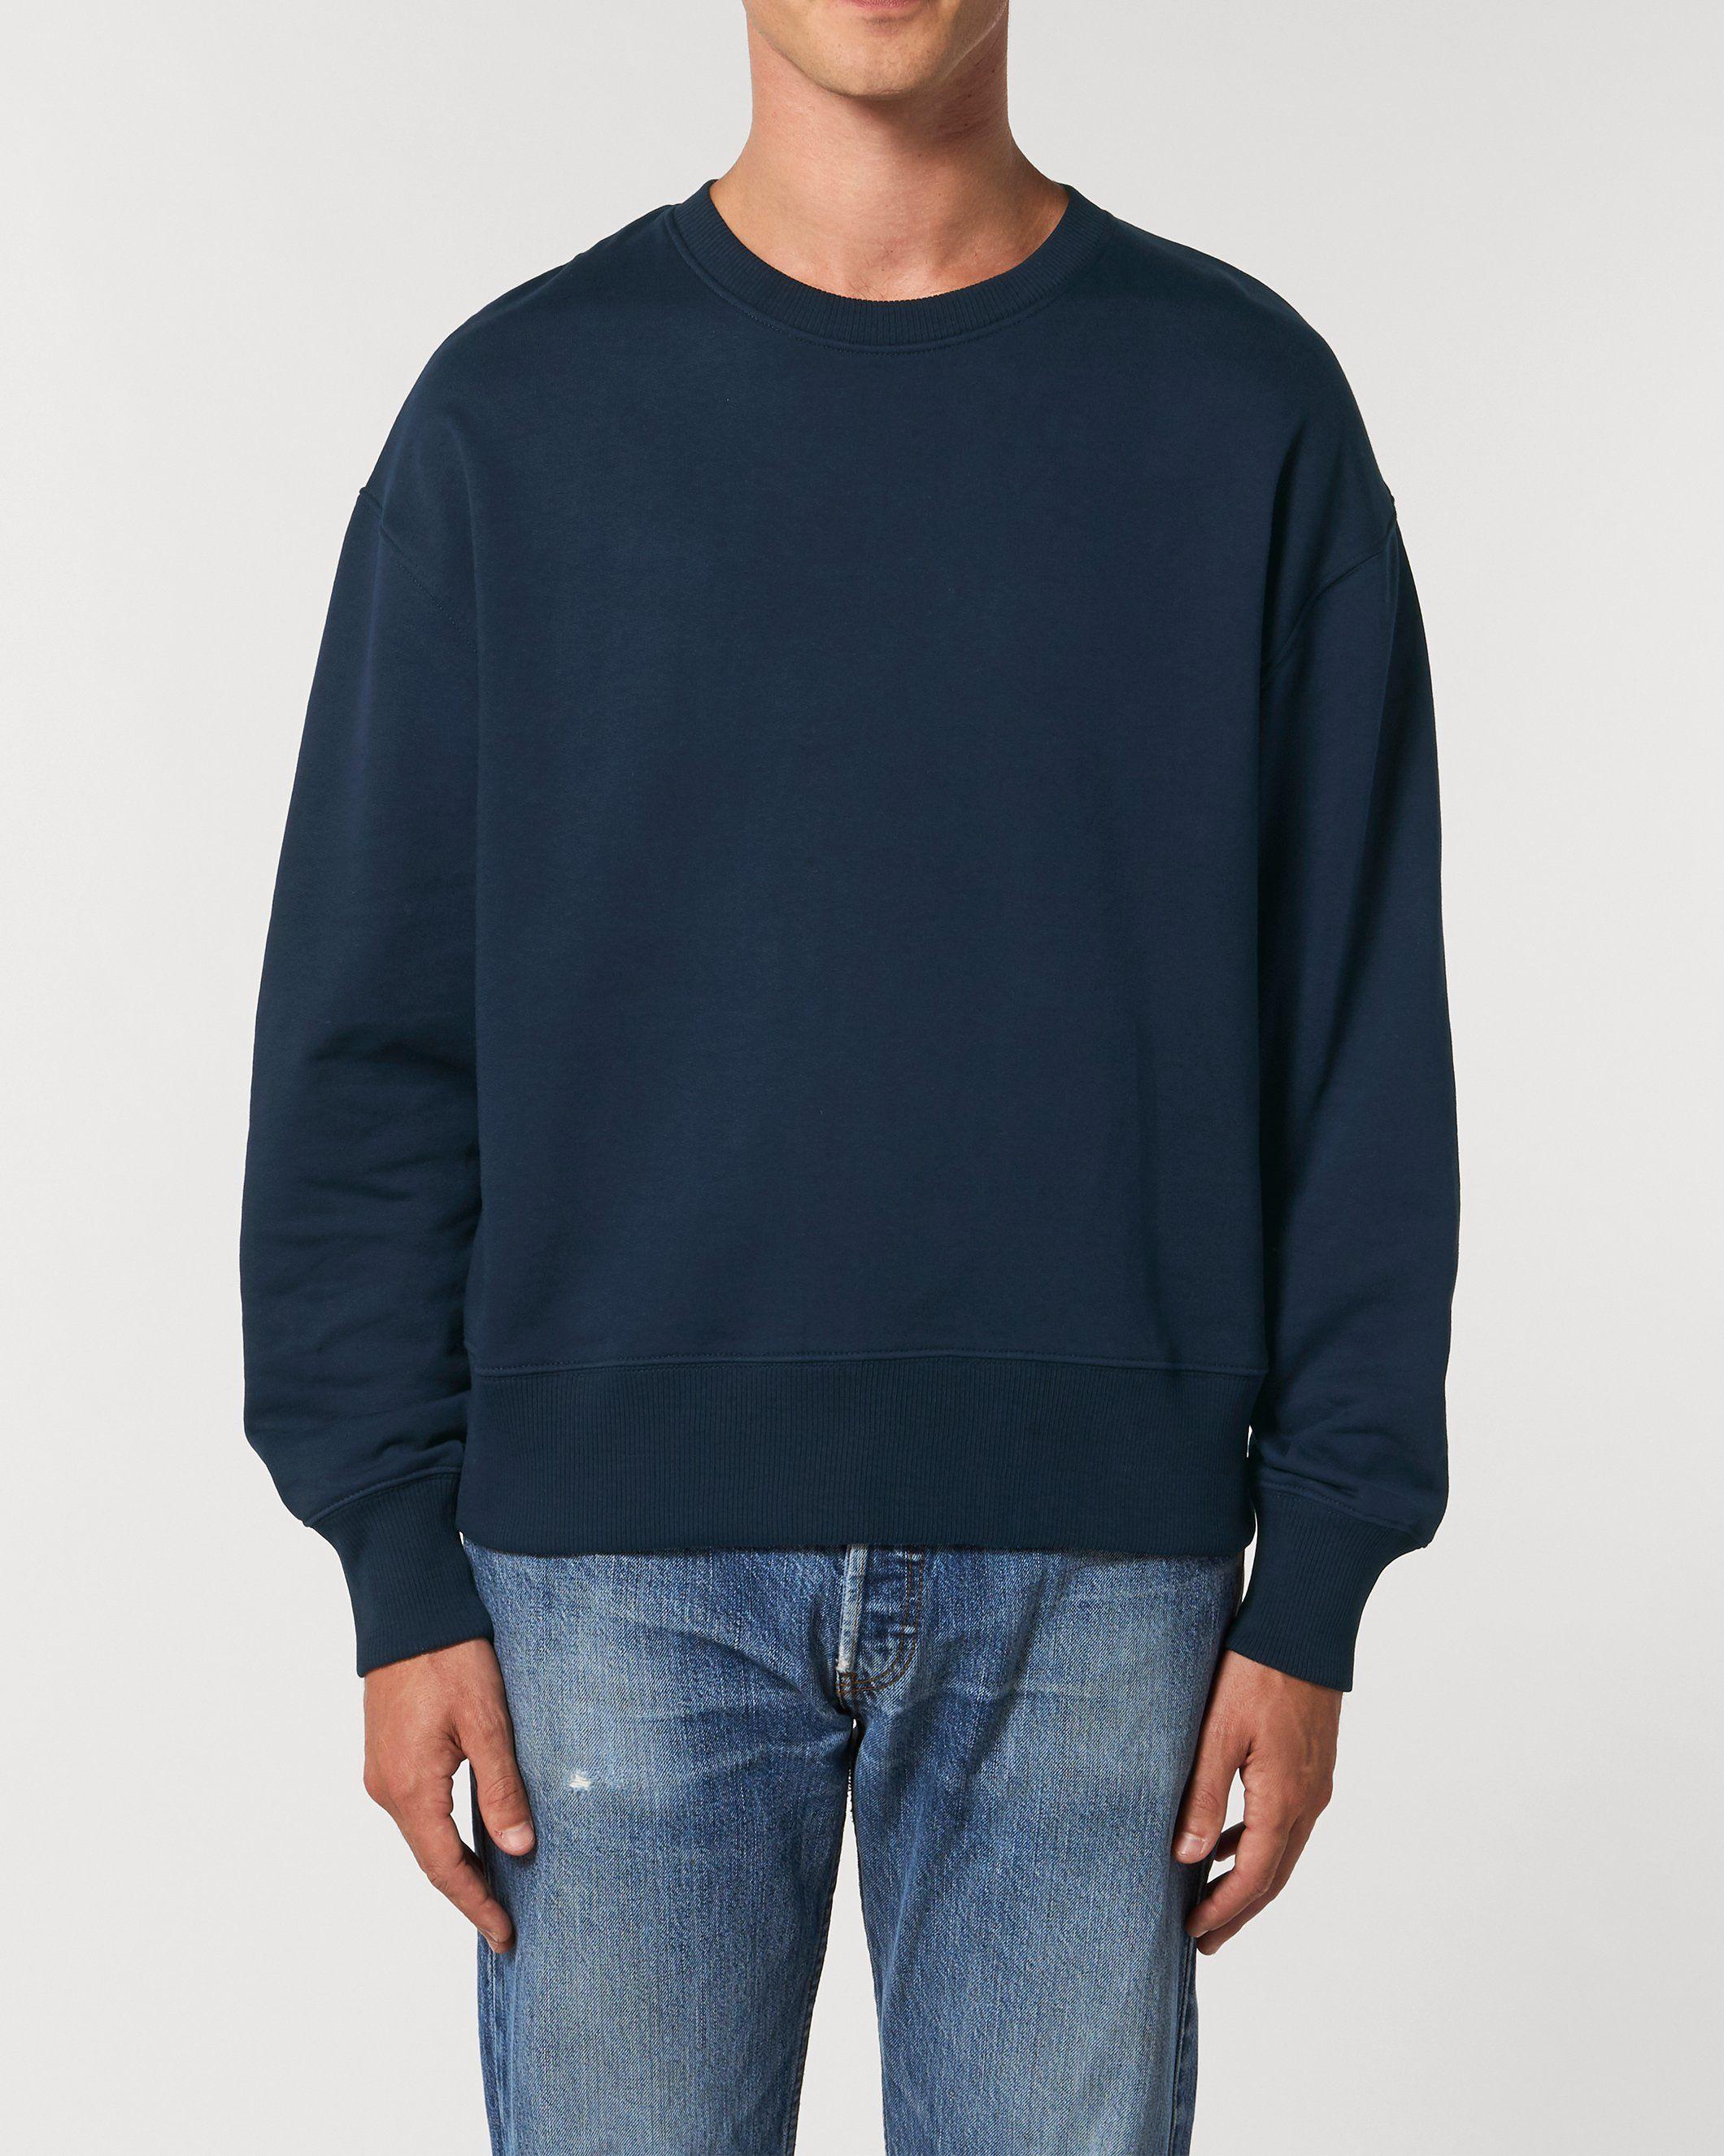 Dualism Unisex Relaxed Crew Neck Sweatshirt in Navy